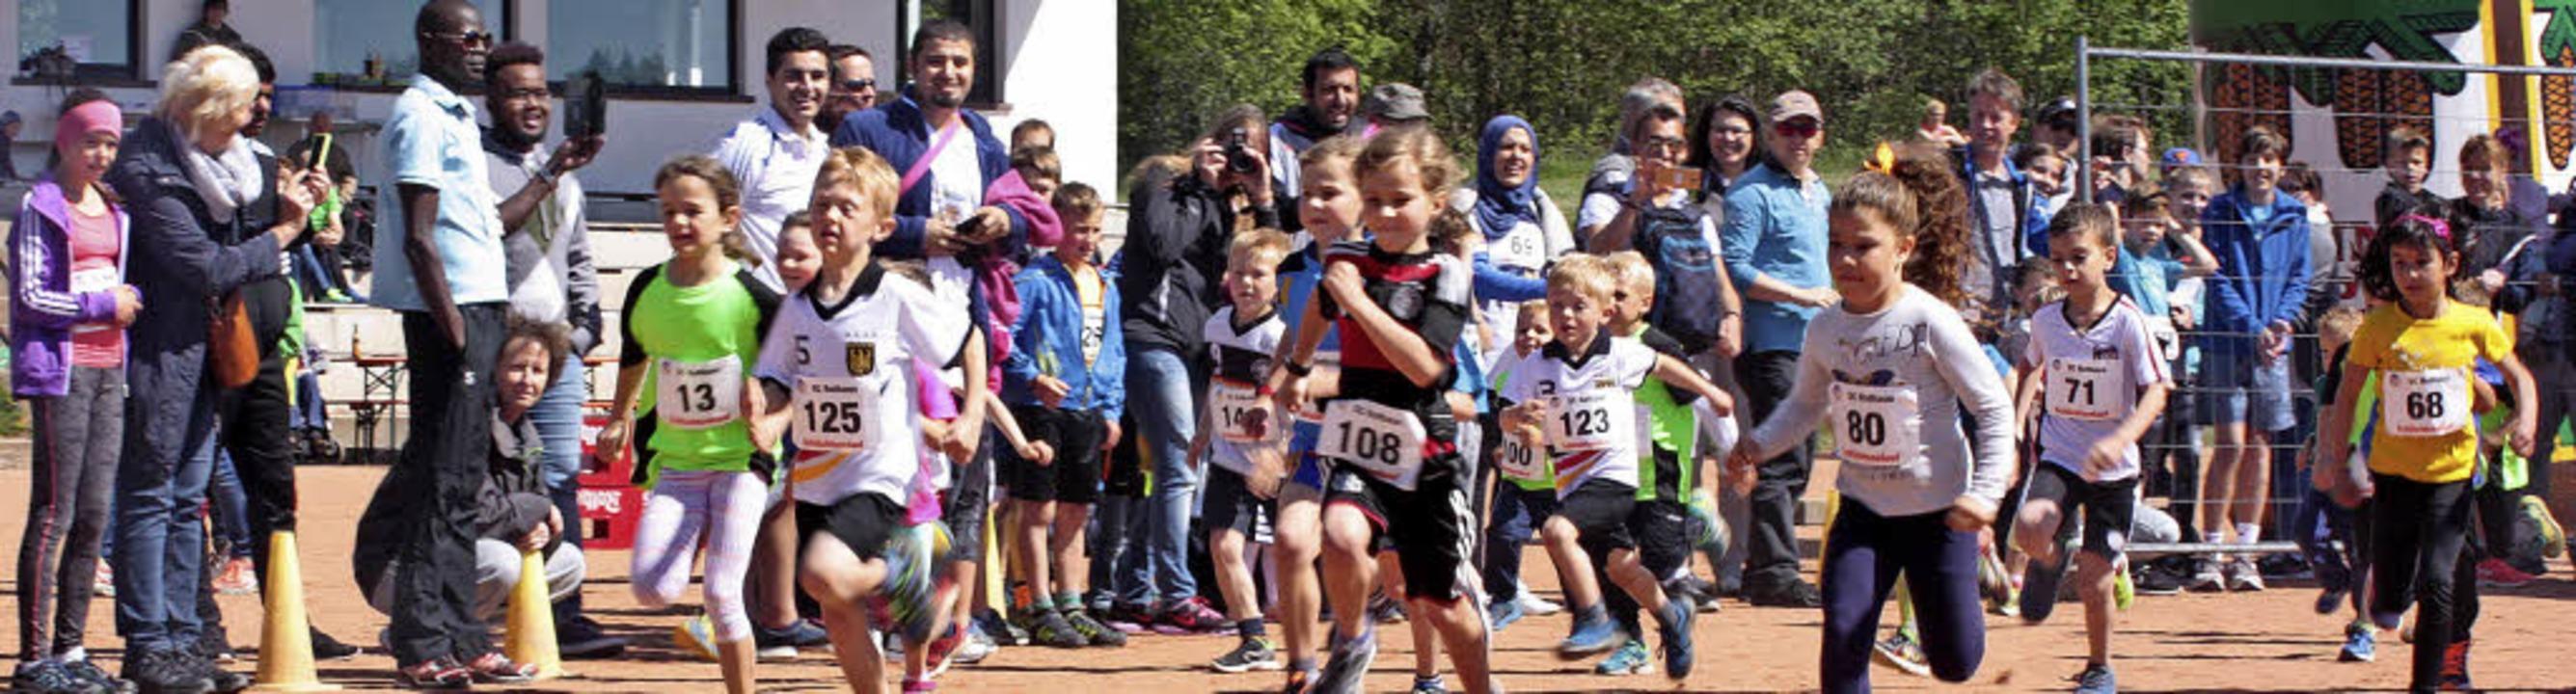 Start der Bambini: Die jüngsten Läufer...les auf der 500 Meter langen Strecke.   | Foto: Dorothée Kuhlmann